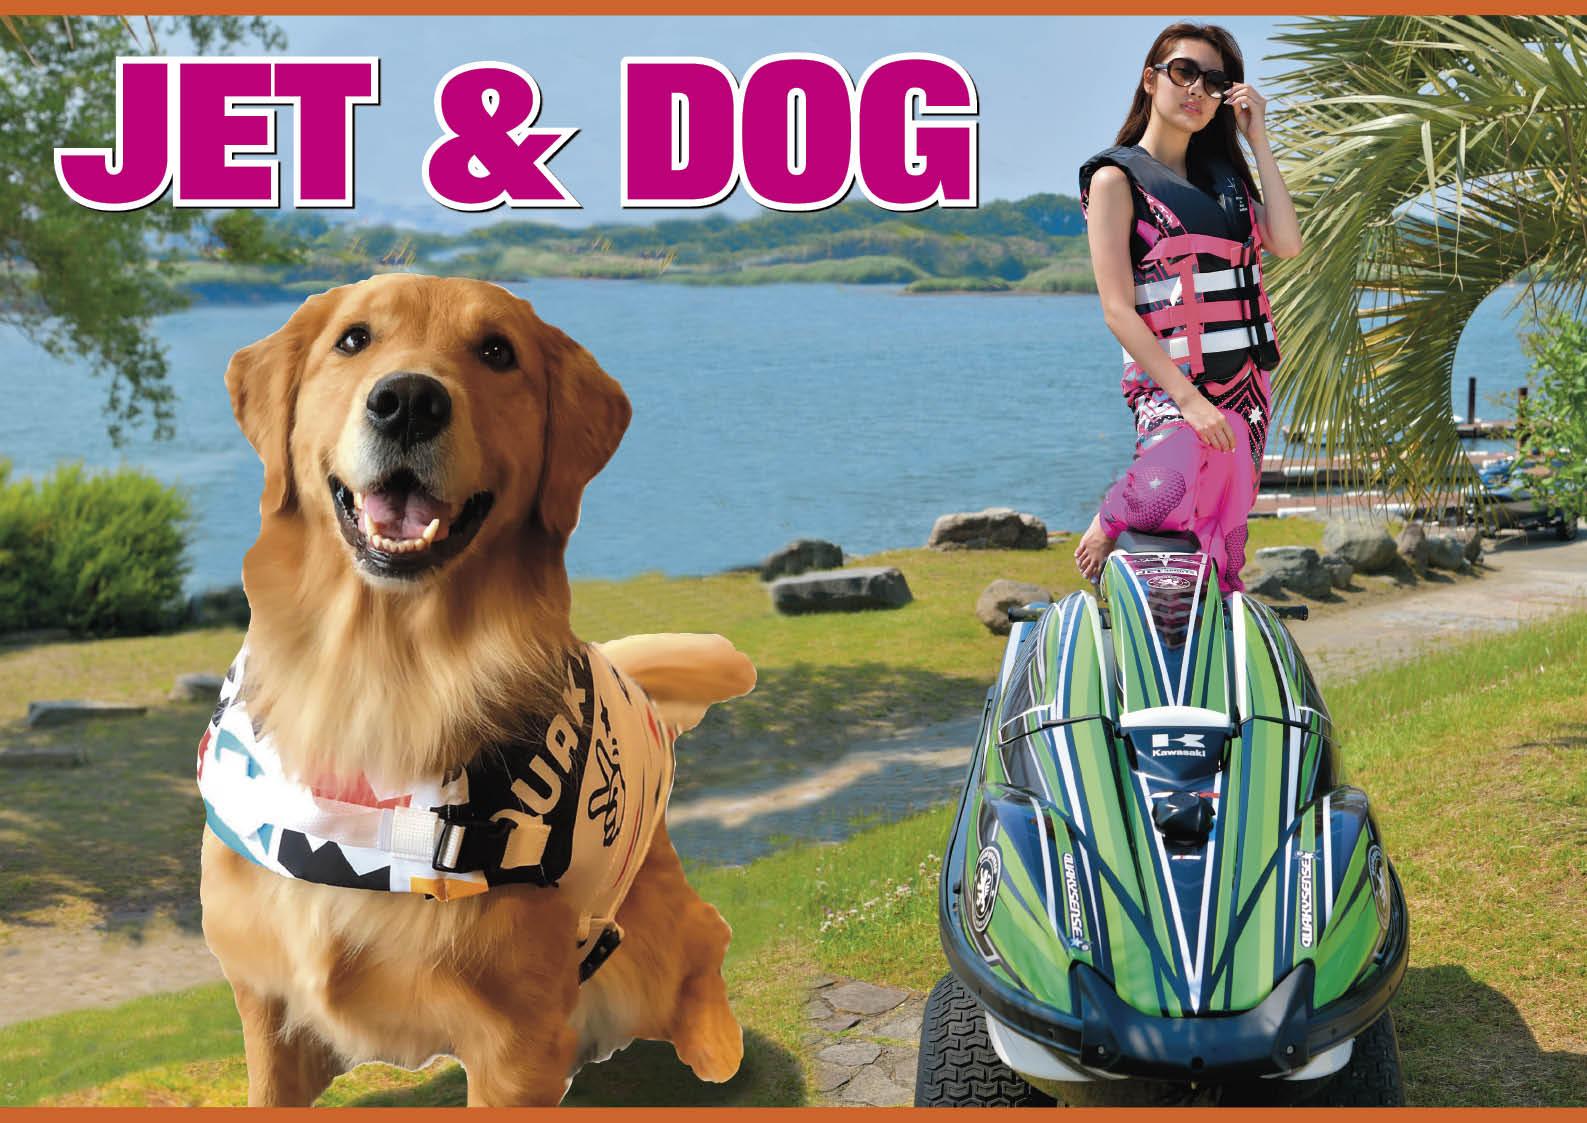 犬用のライフジャケット「ドッグベスト」を着せて、愛犬と一緒に安全に水辺で遊ぼう ジェットスキー(水上バイク)